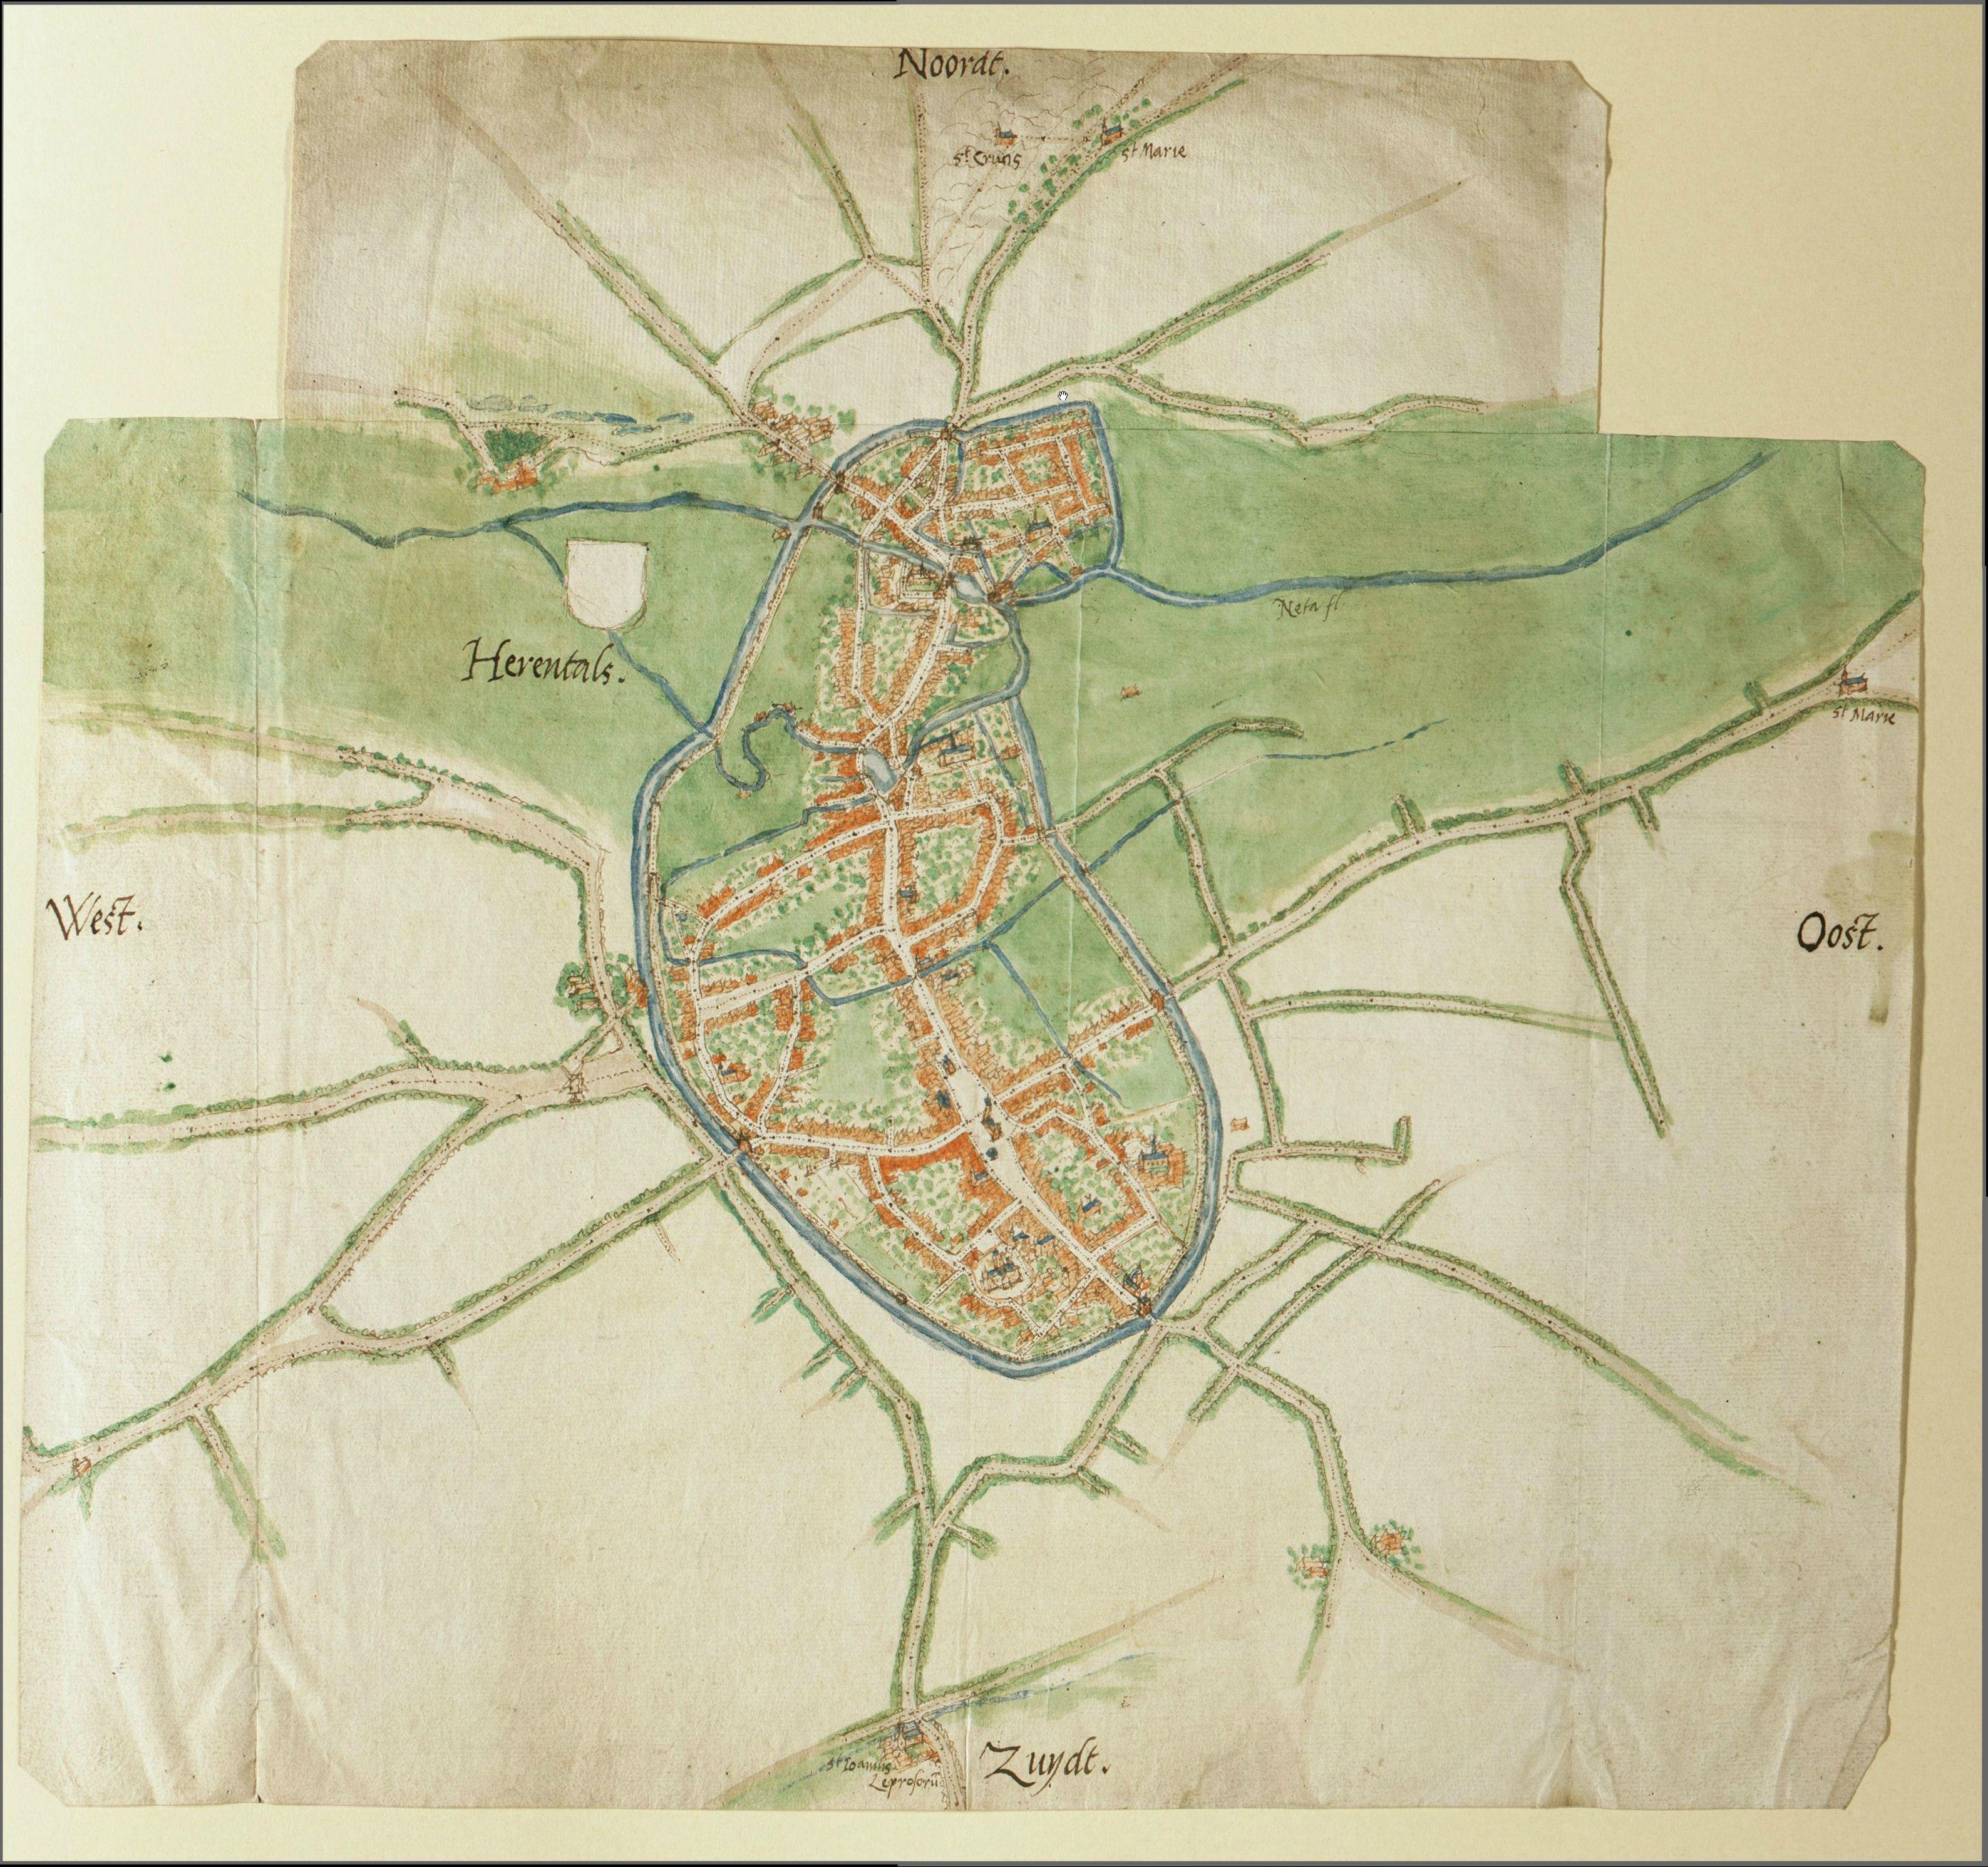 FileMap of Herentals by Jacob van Deventerjpg Wikimedia Commons